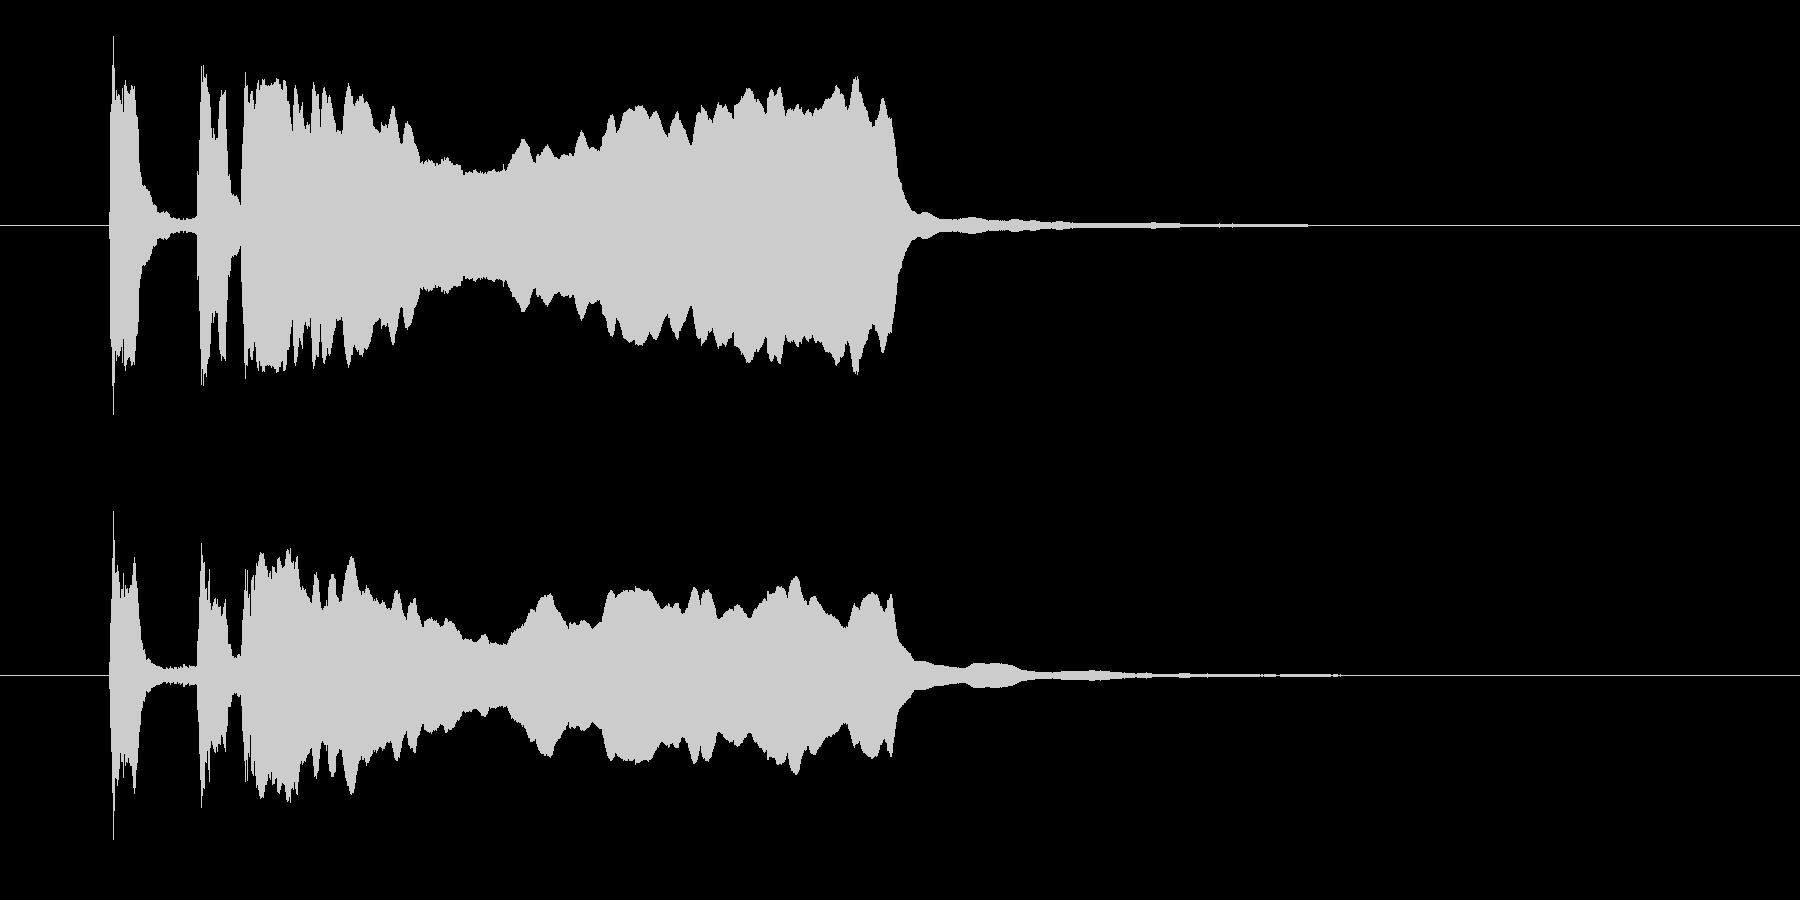 パッパパーンという晴れやかな音の未再生の波形